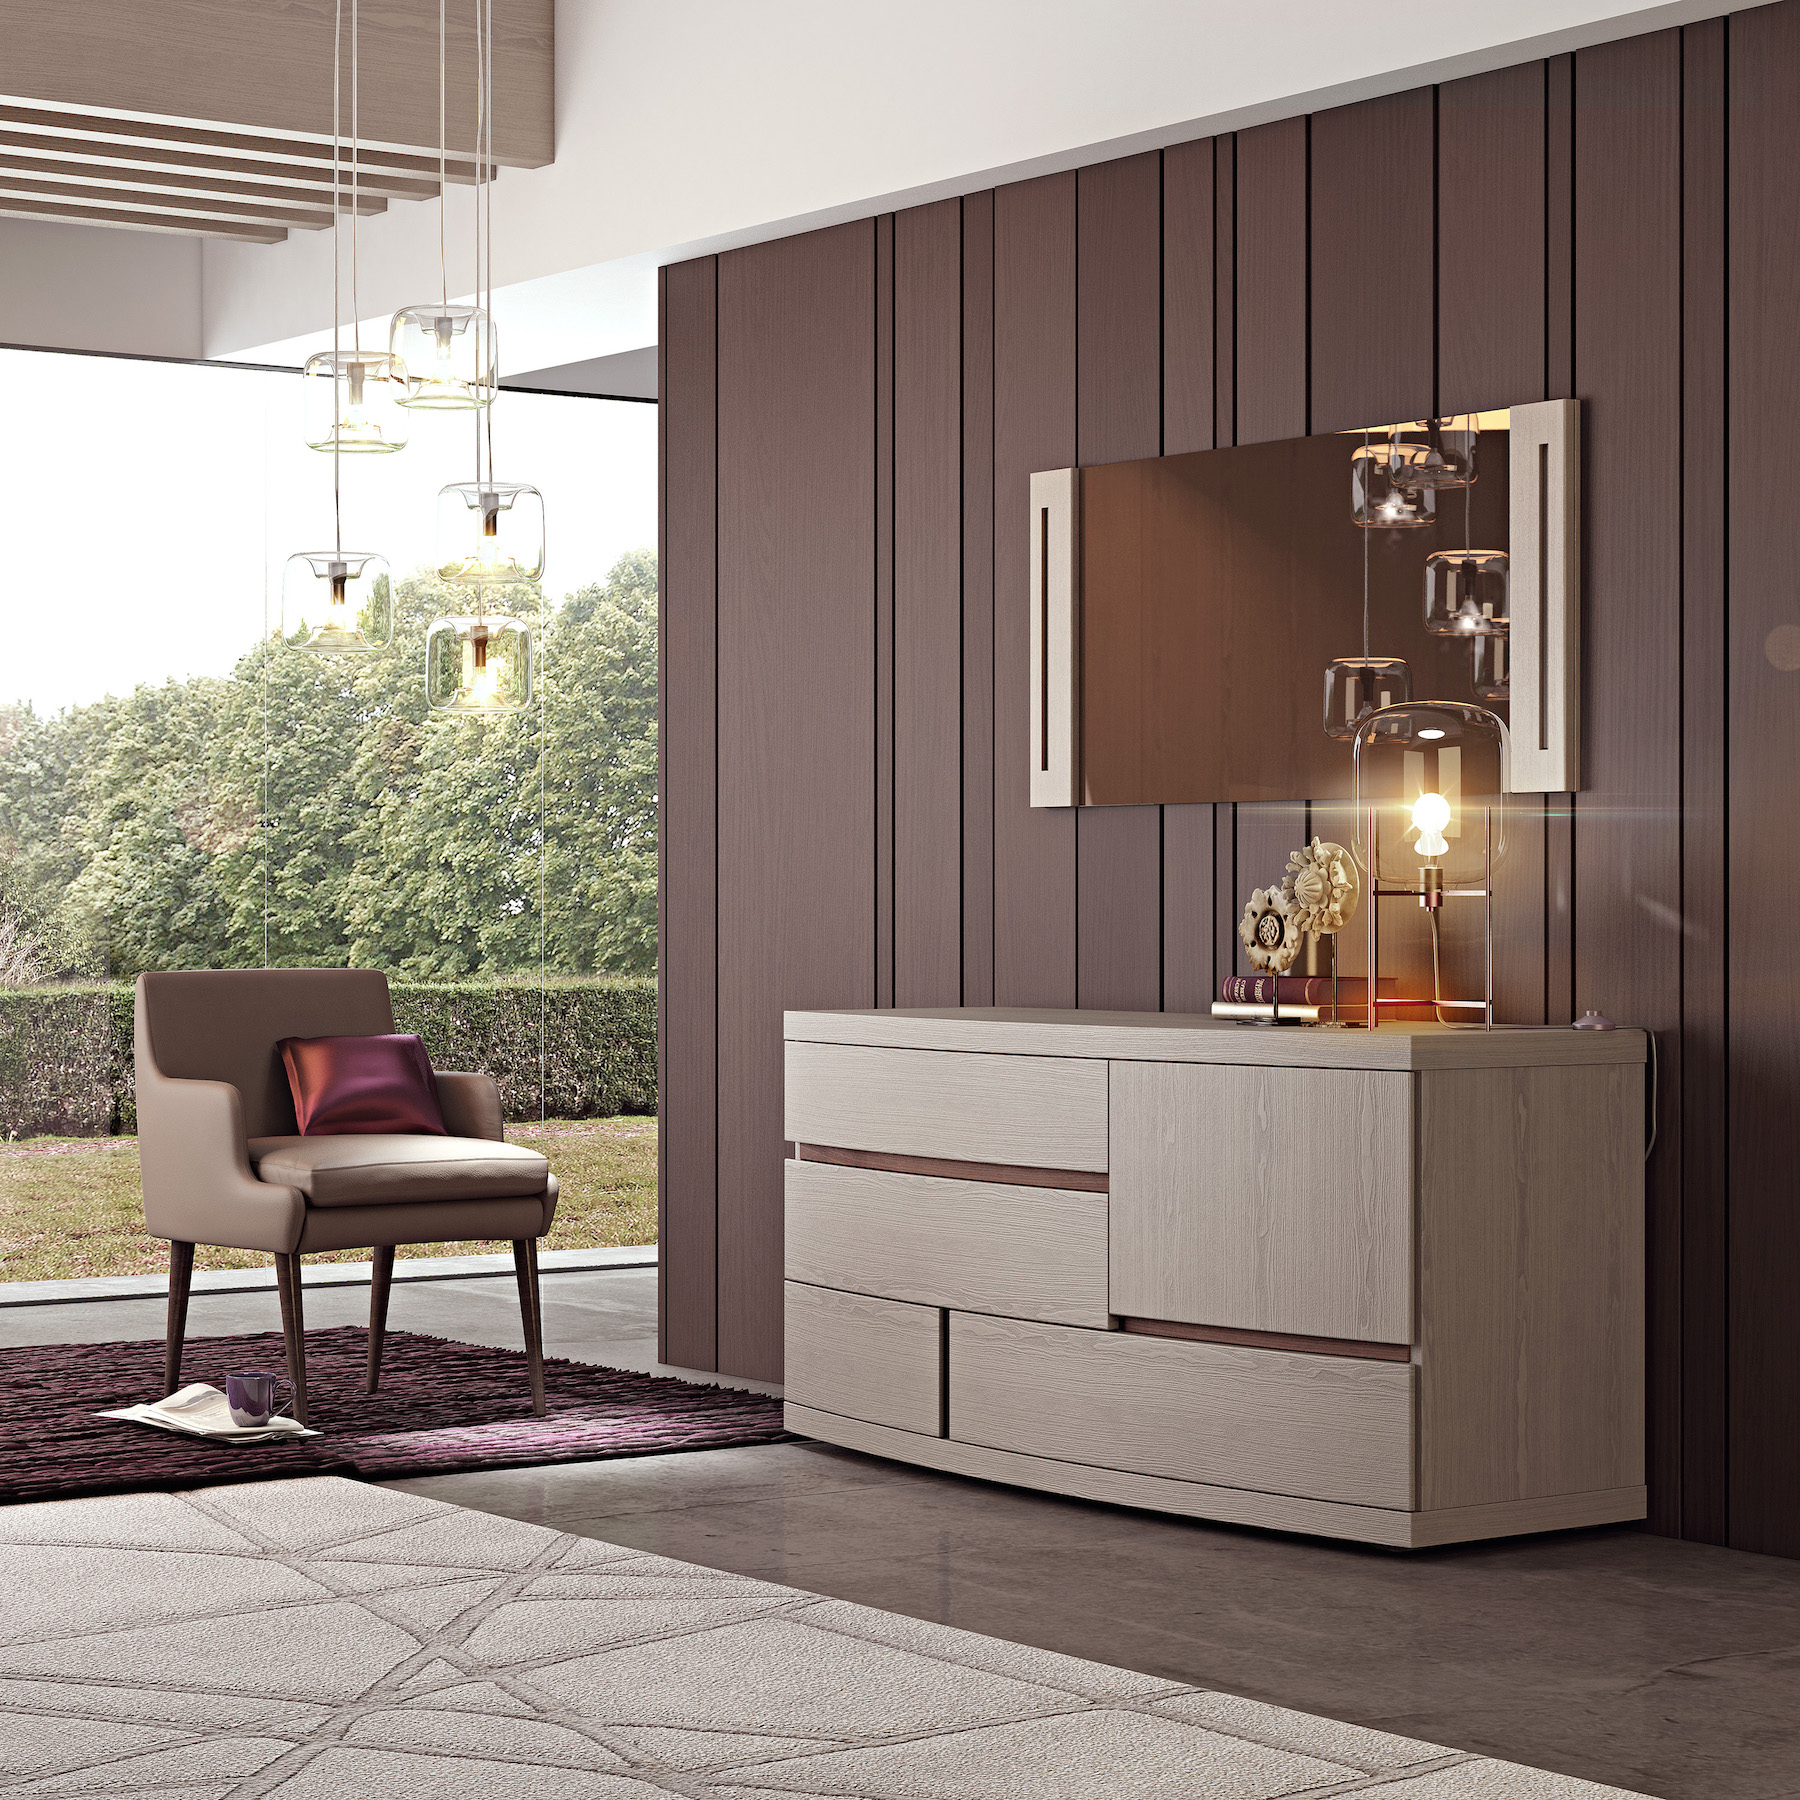 Camera da letto fazzini idea d 39 immagine di decorazione for Castaldo arredamenti